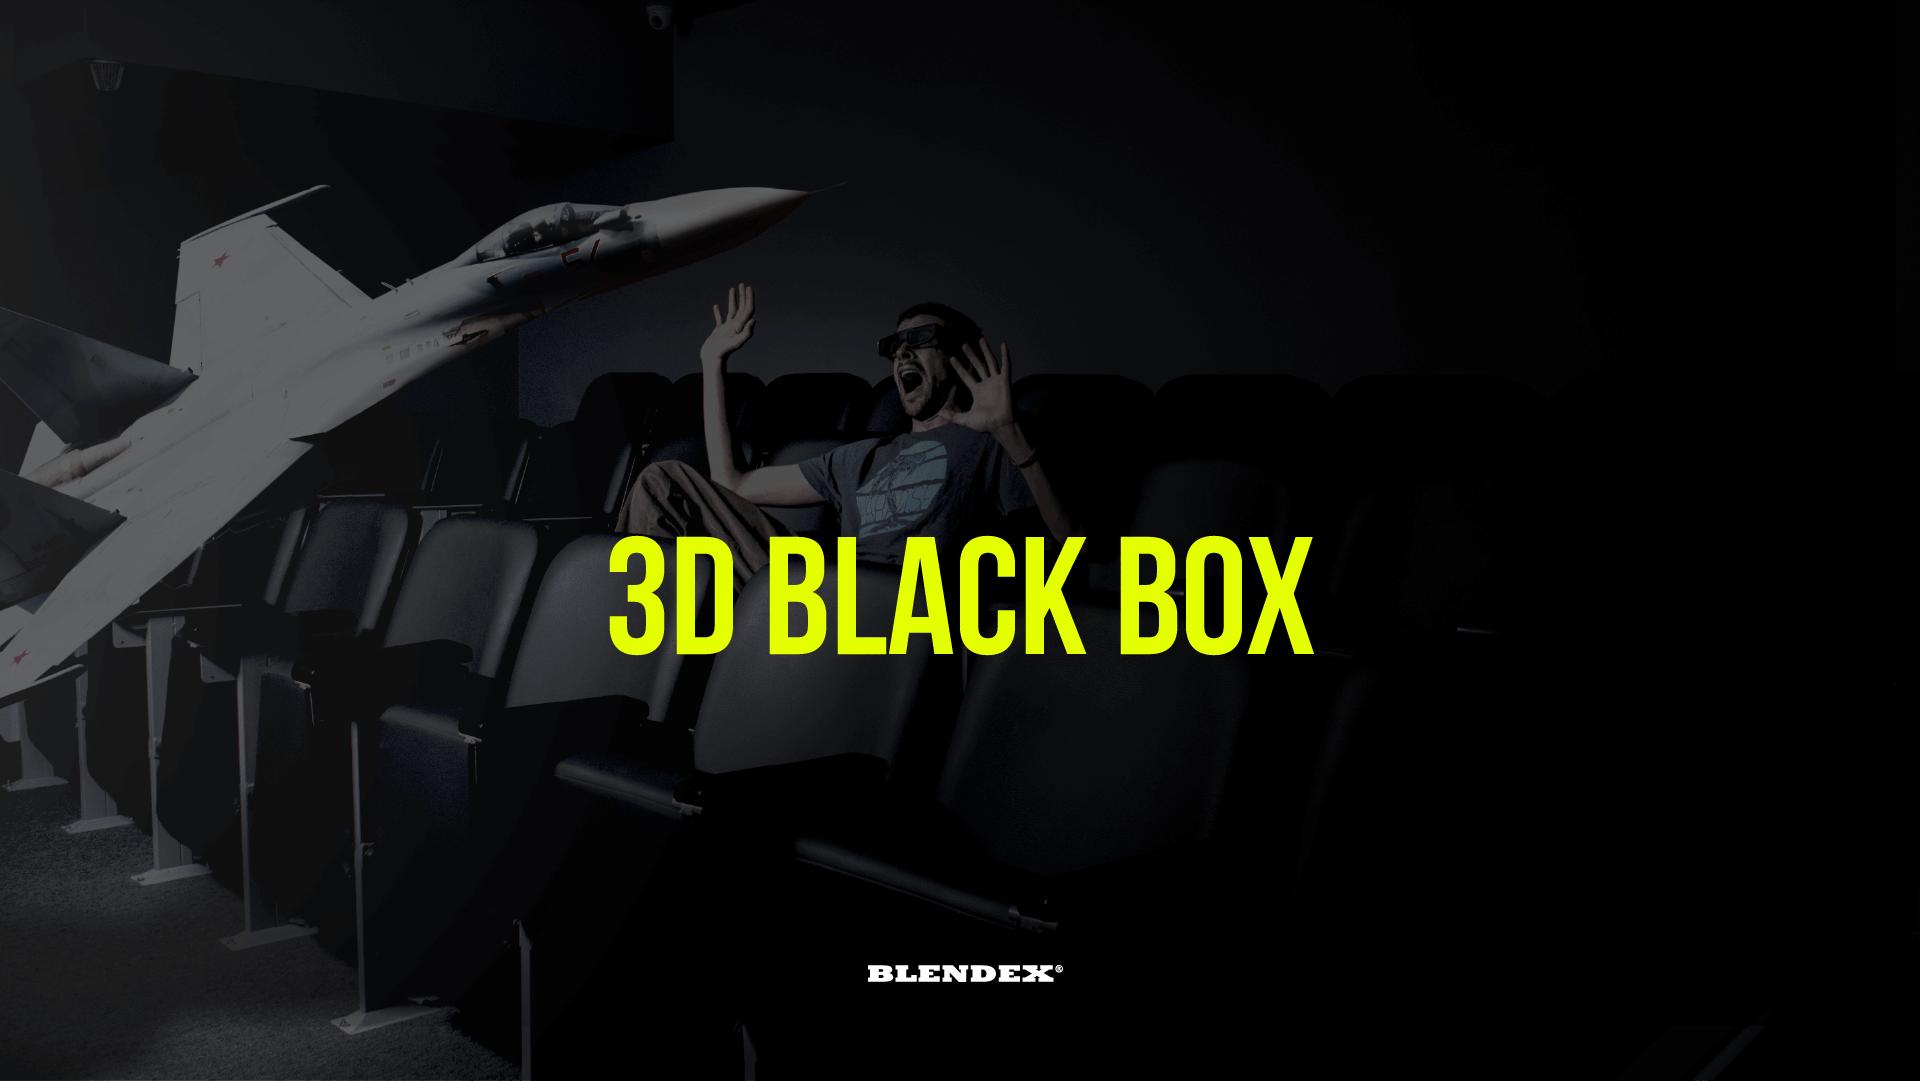 estudiar inglés con la 3D BLACK BOX